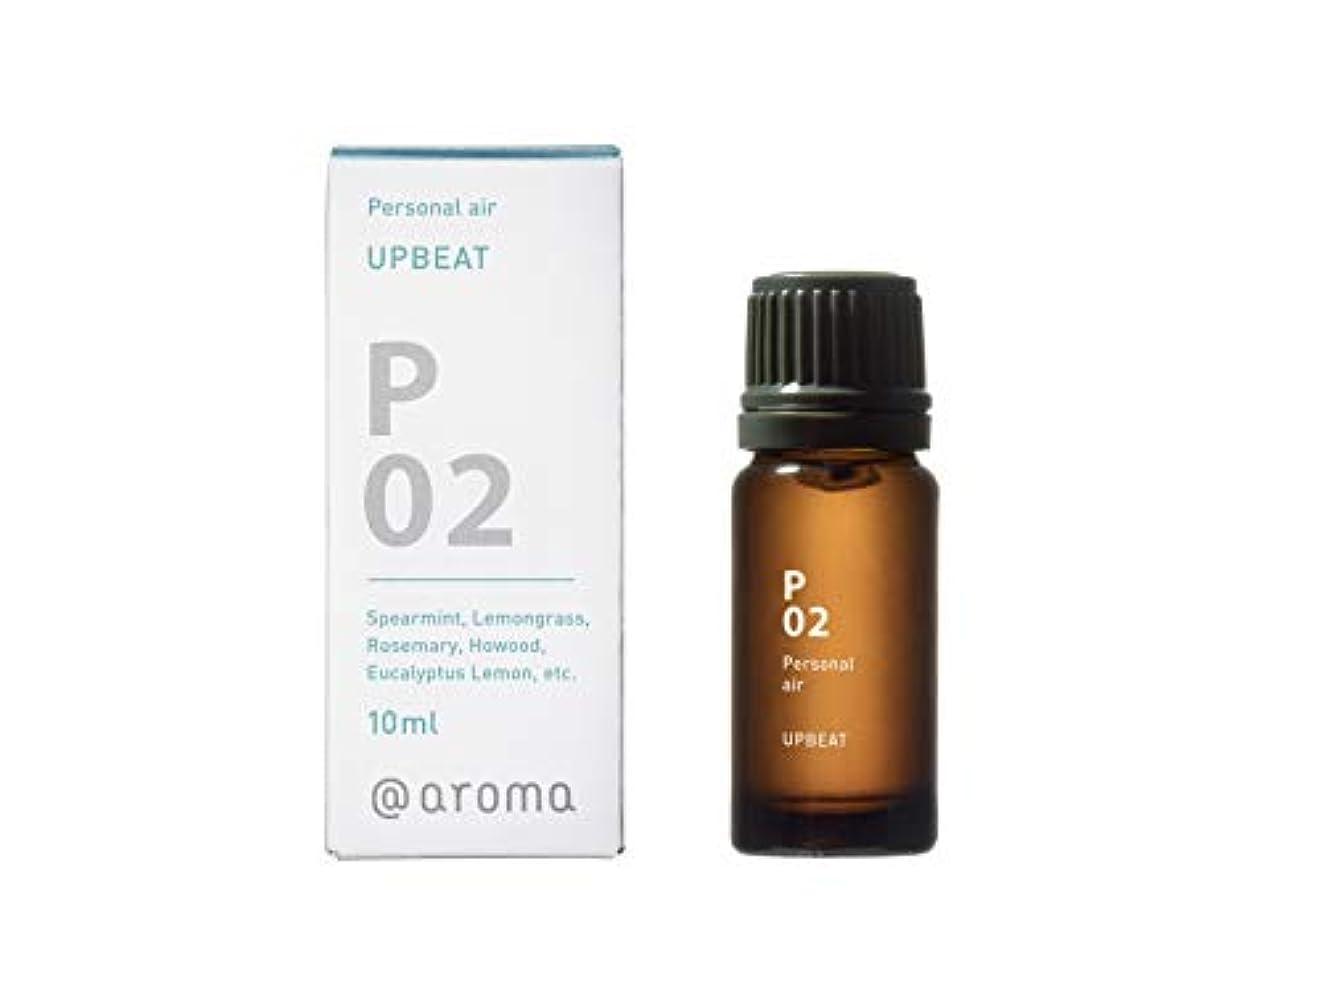 リスモザイクアロングP02 UPBEAT Personal air 10ml